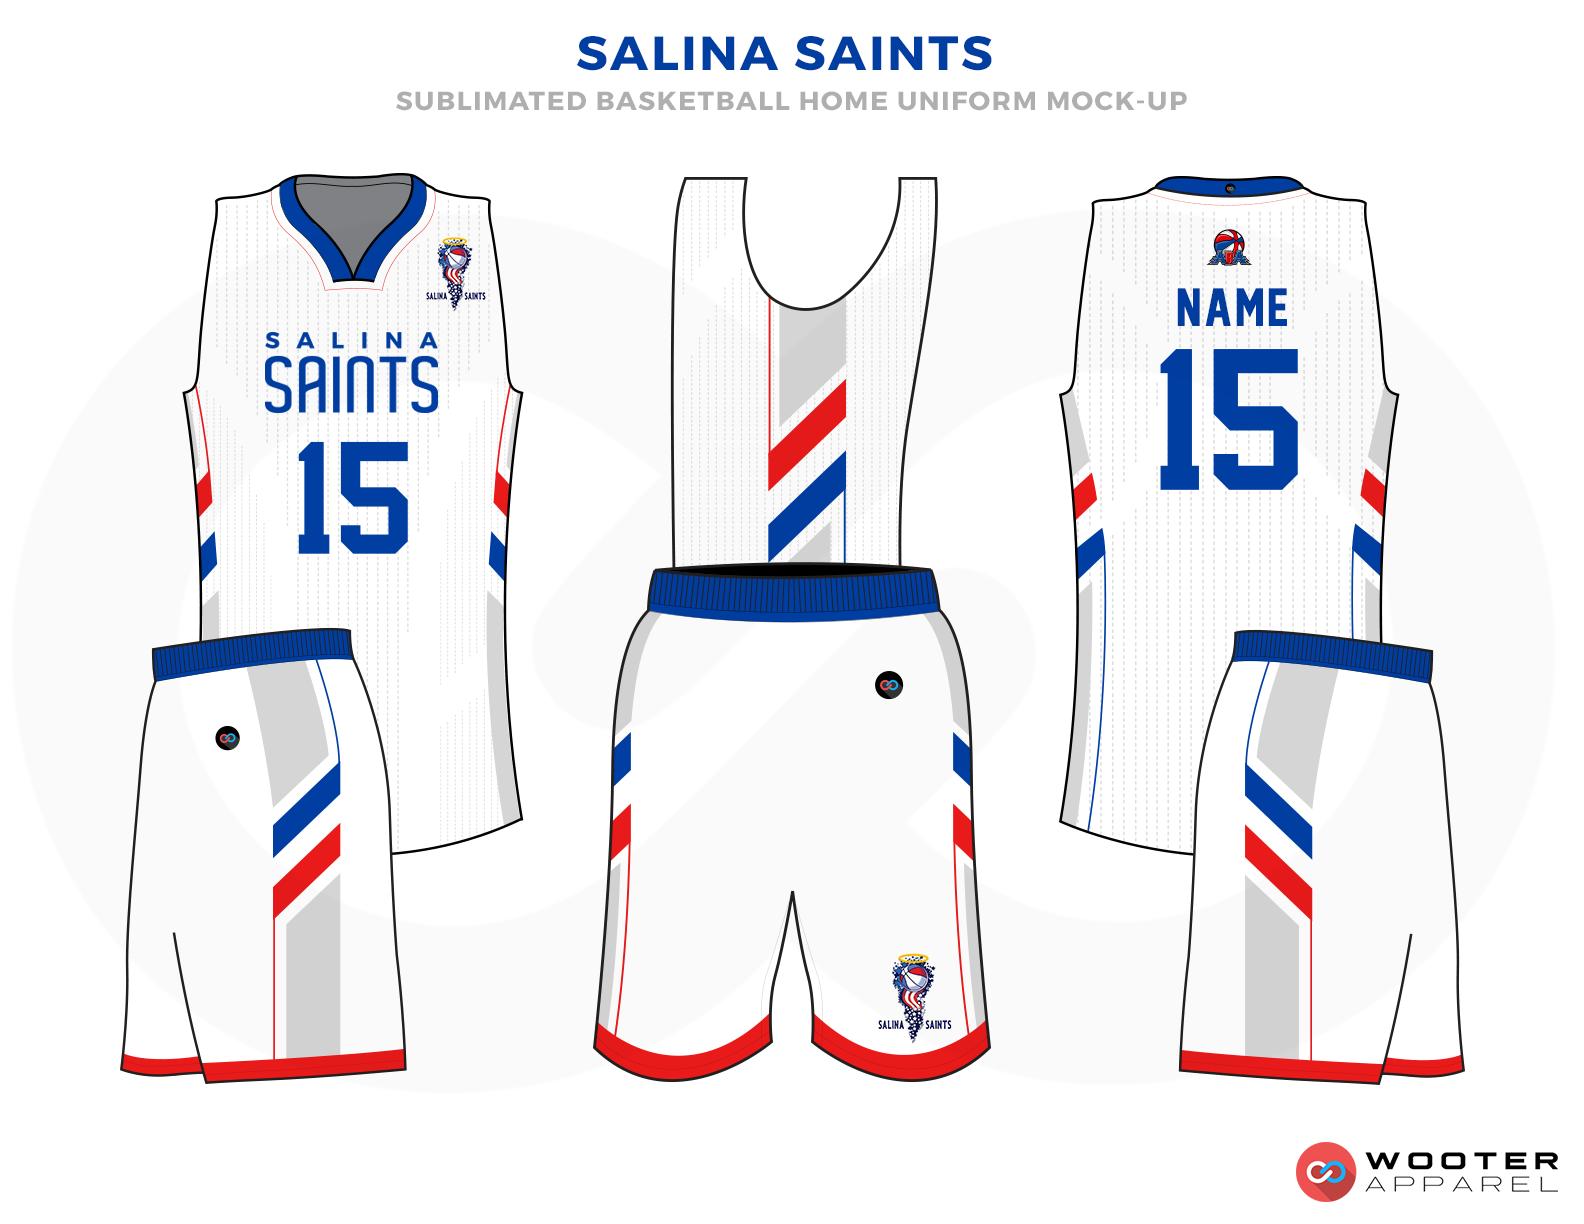 SalinaSaints-BasketballUniform-Home-Mockup.png